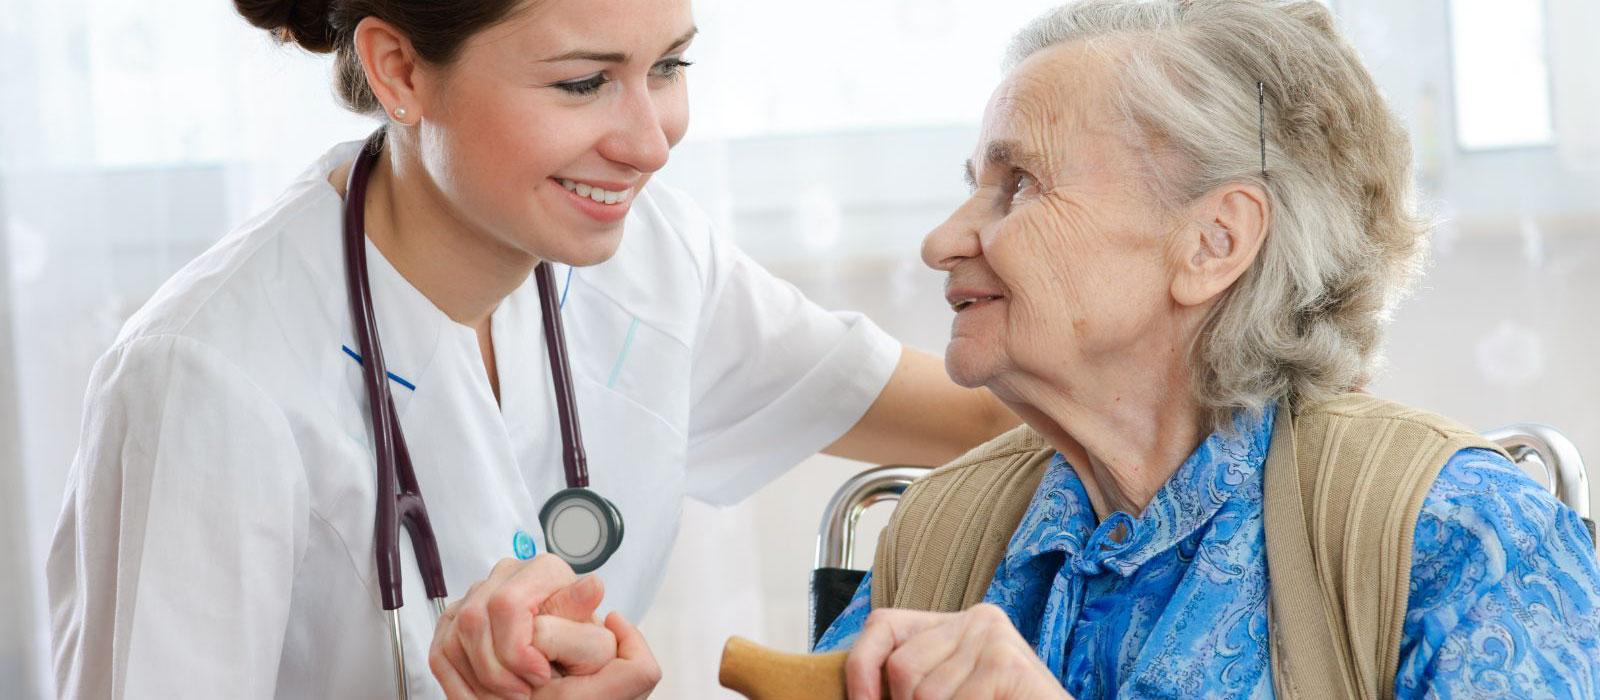 https://parastari24.com/به پرستاری ۲۴ خوش آمدید- معرفی پرستار کودک و پرستار سالمند و بیمار در منزل